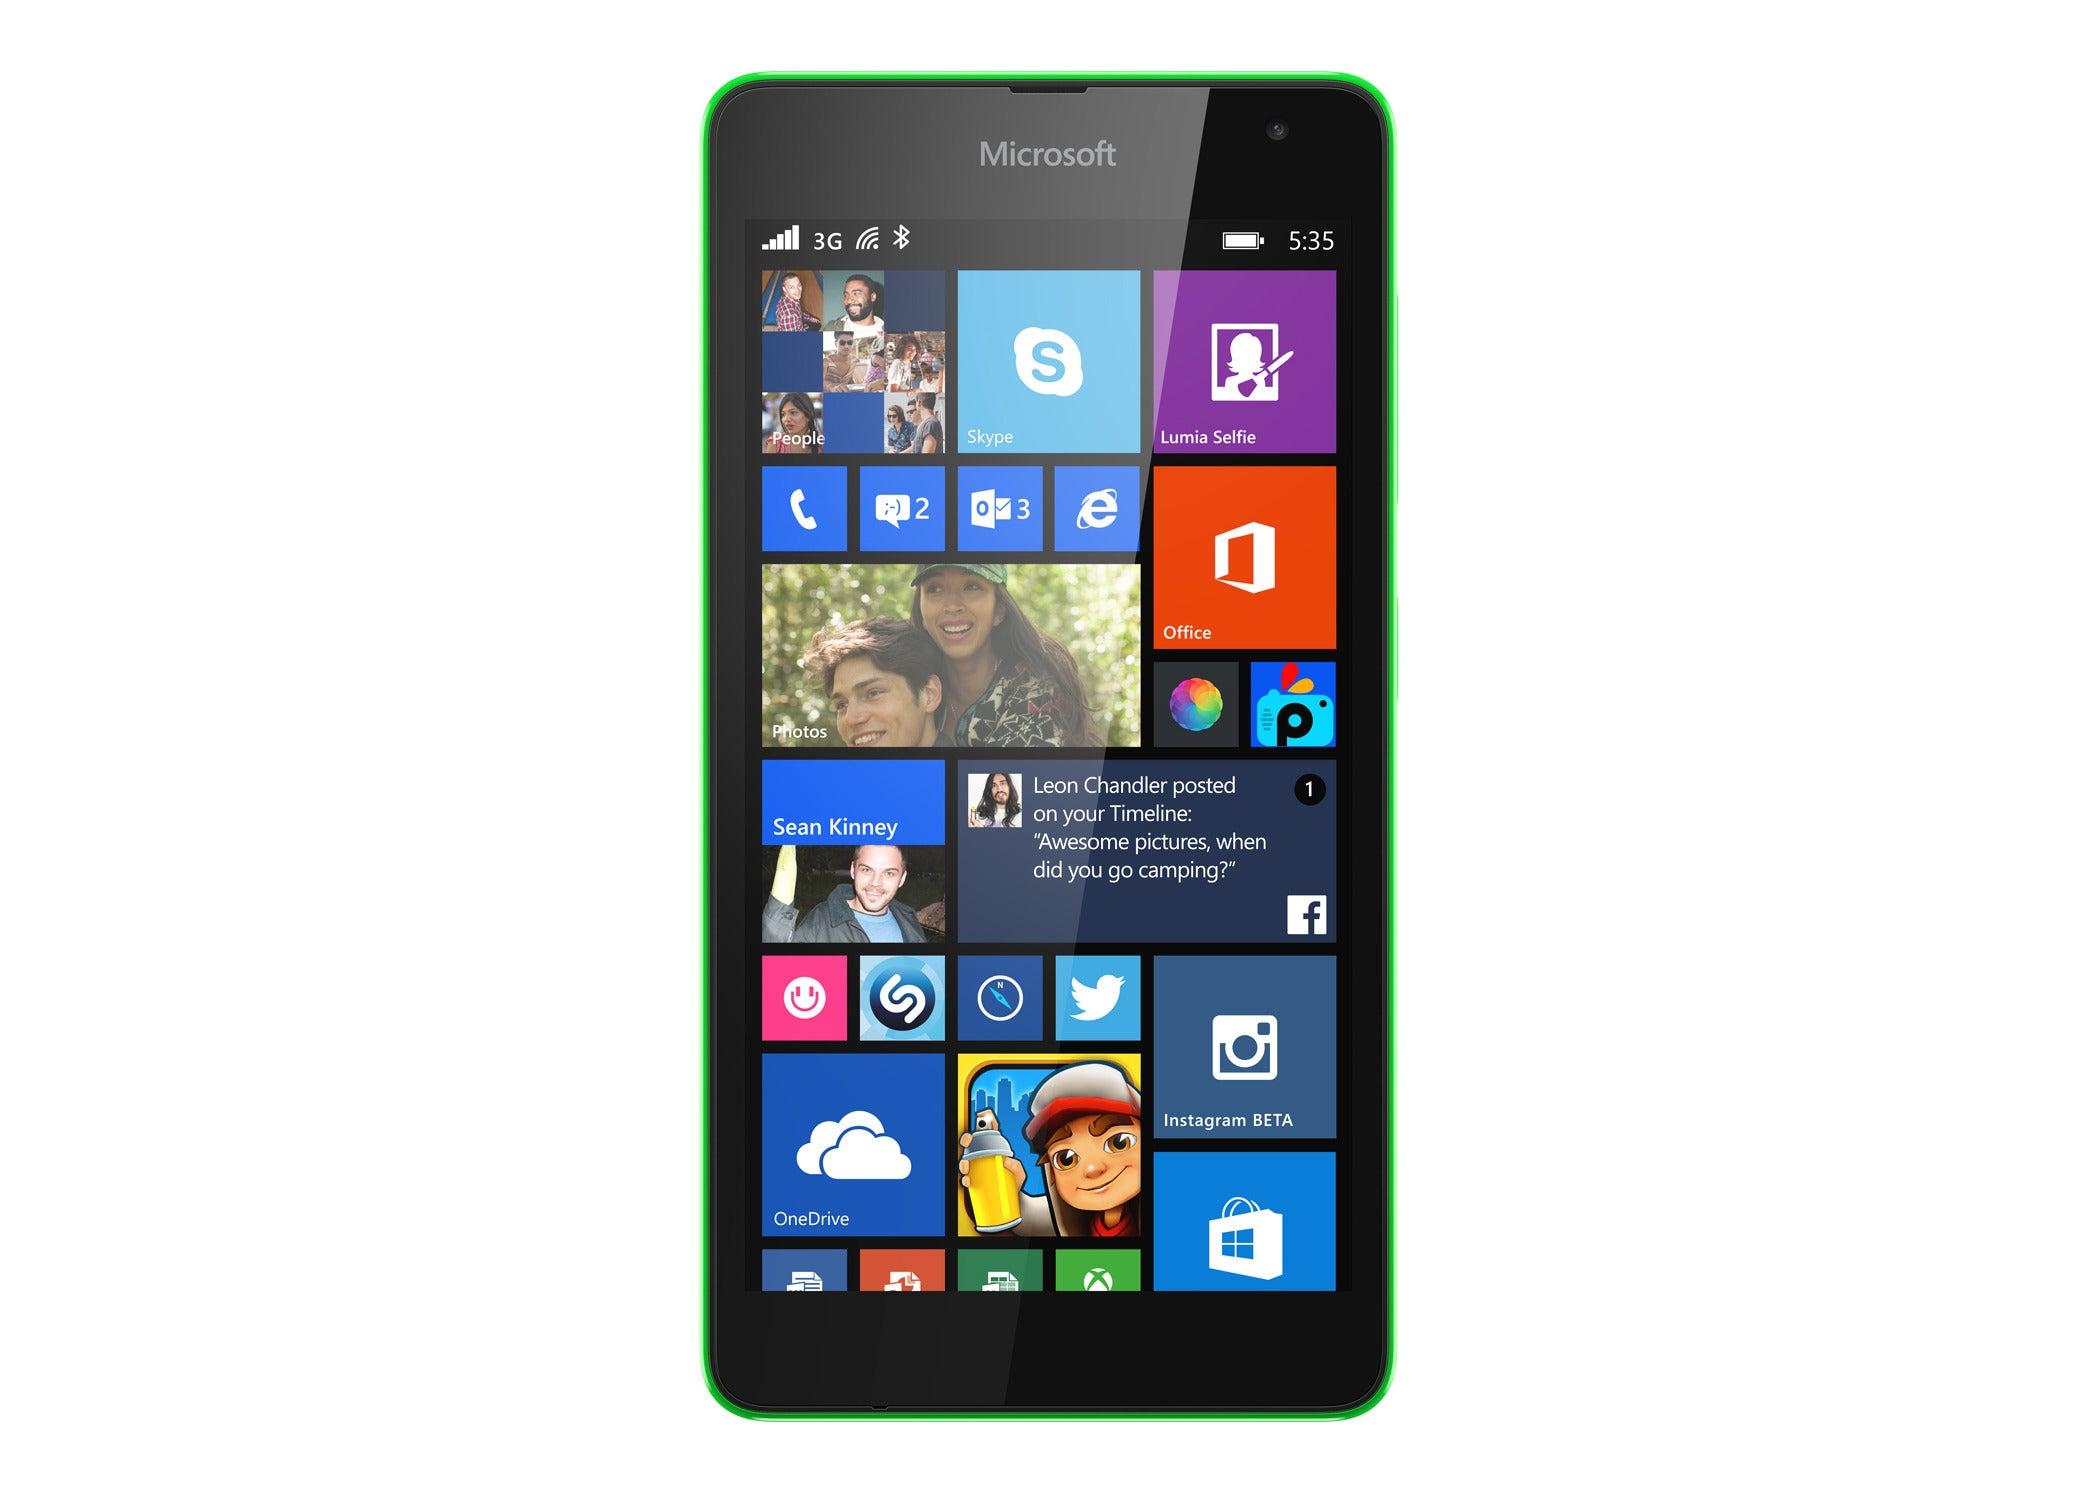 The Microsoft Lumia 535.